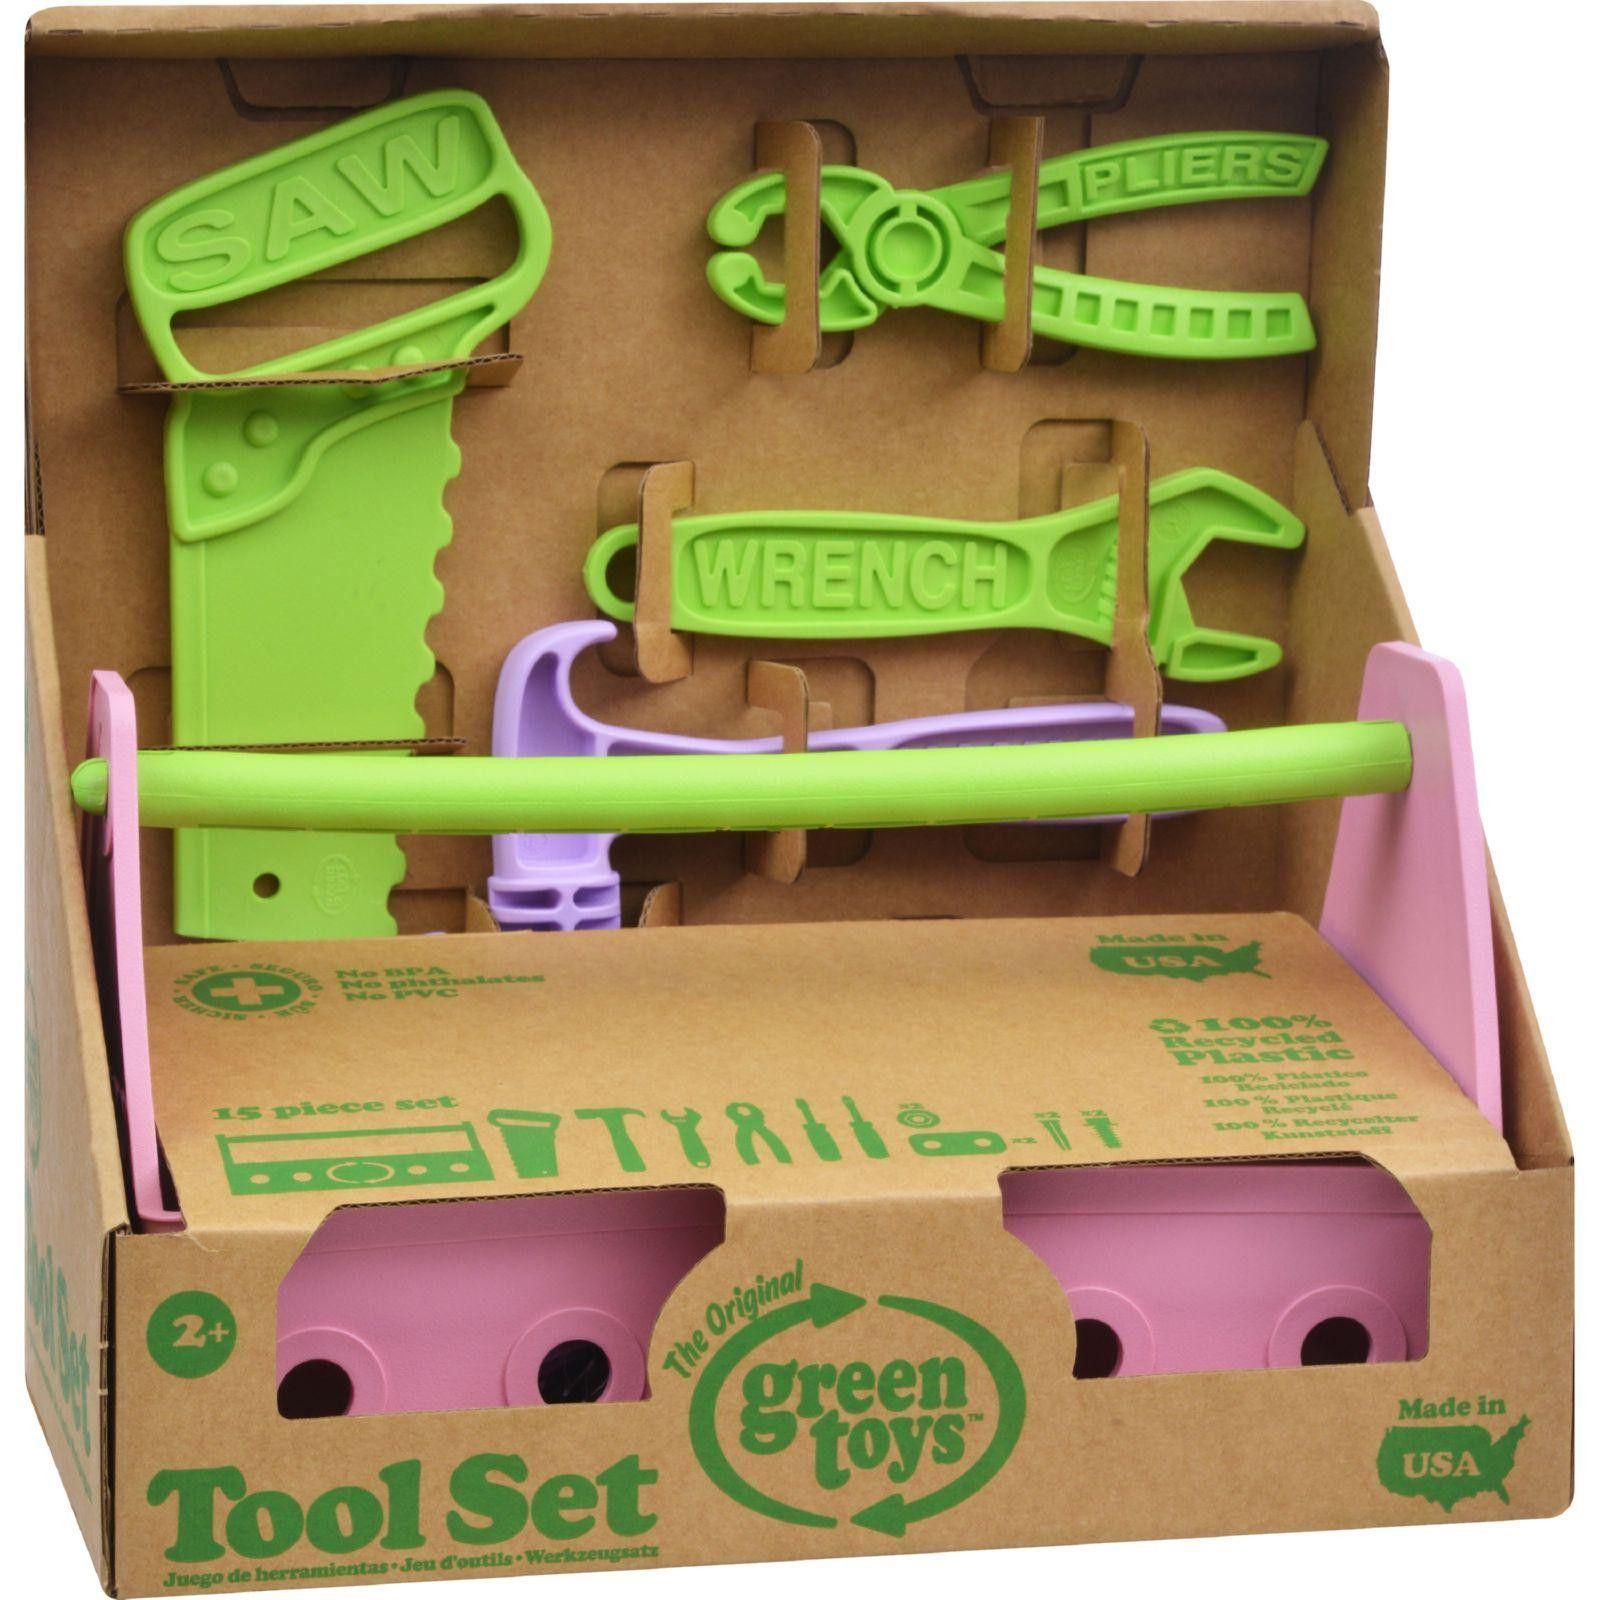 die besten 25 green toys ideen auf pinterest spielzeug planen holzspielzeug f r babys und. Black Bedroom Furniture Sets. Home Design Ideas